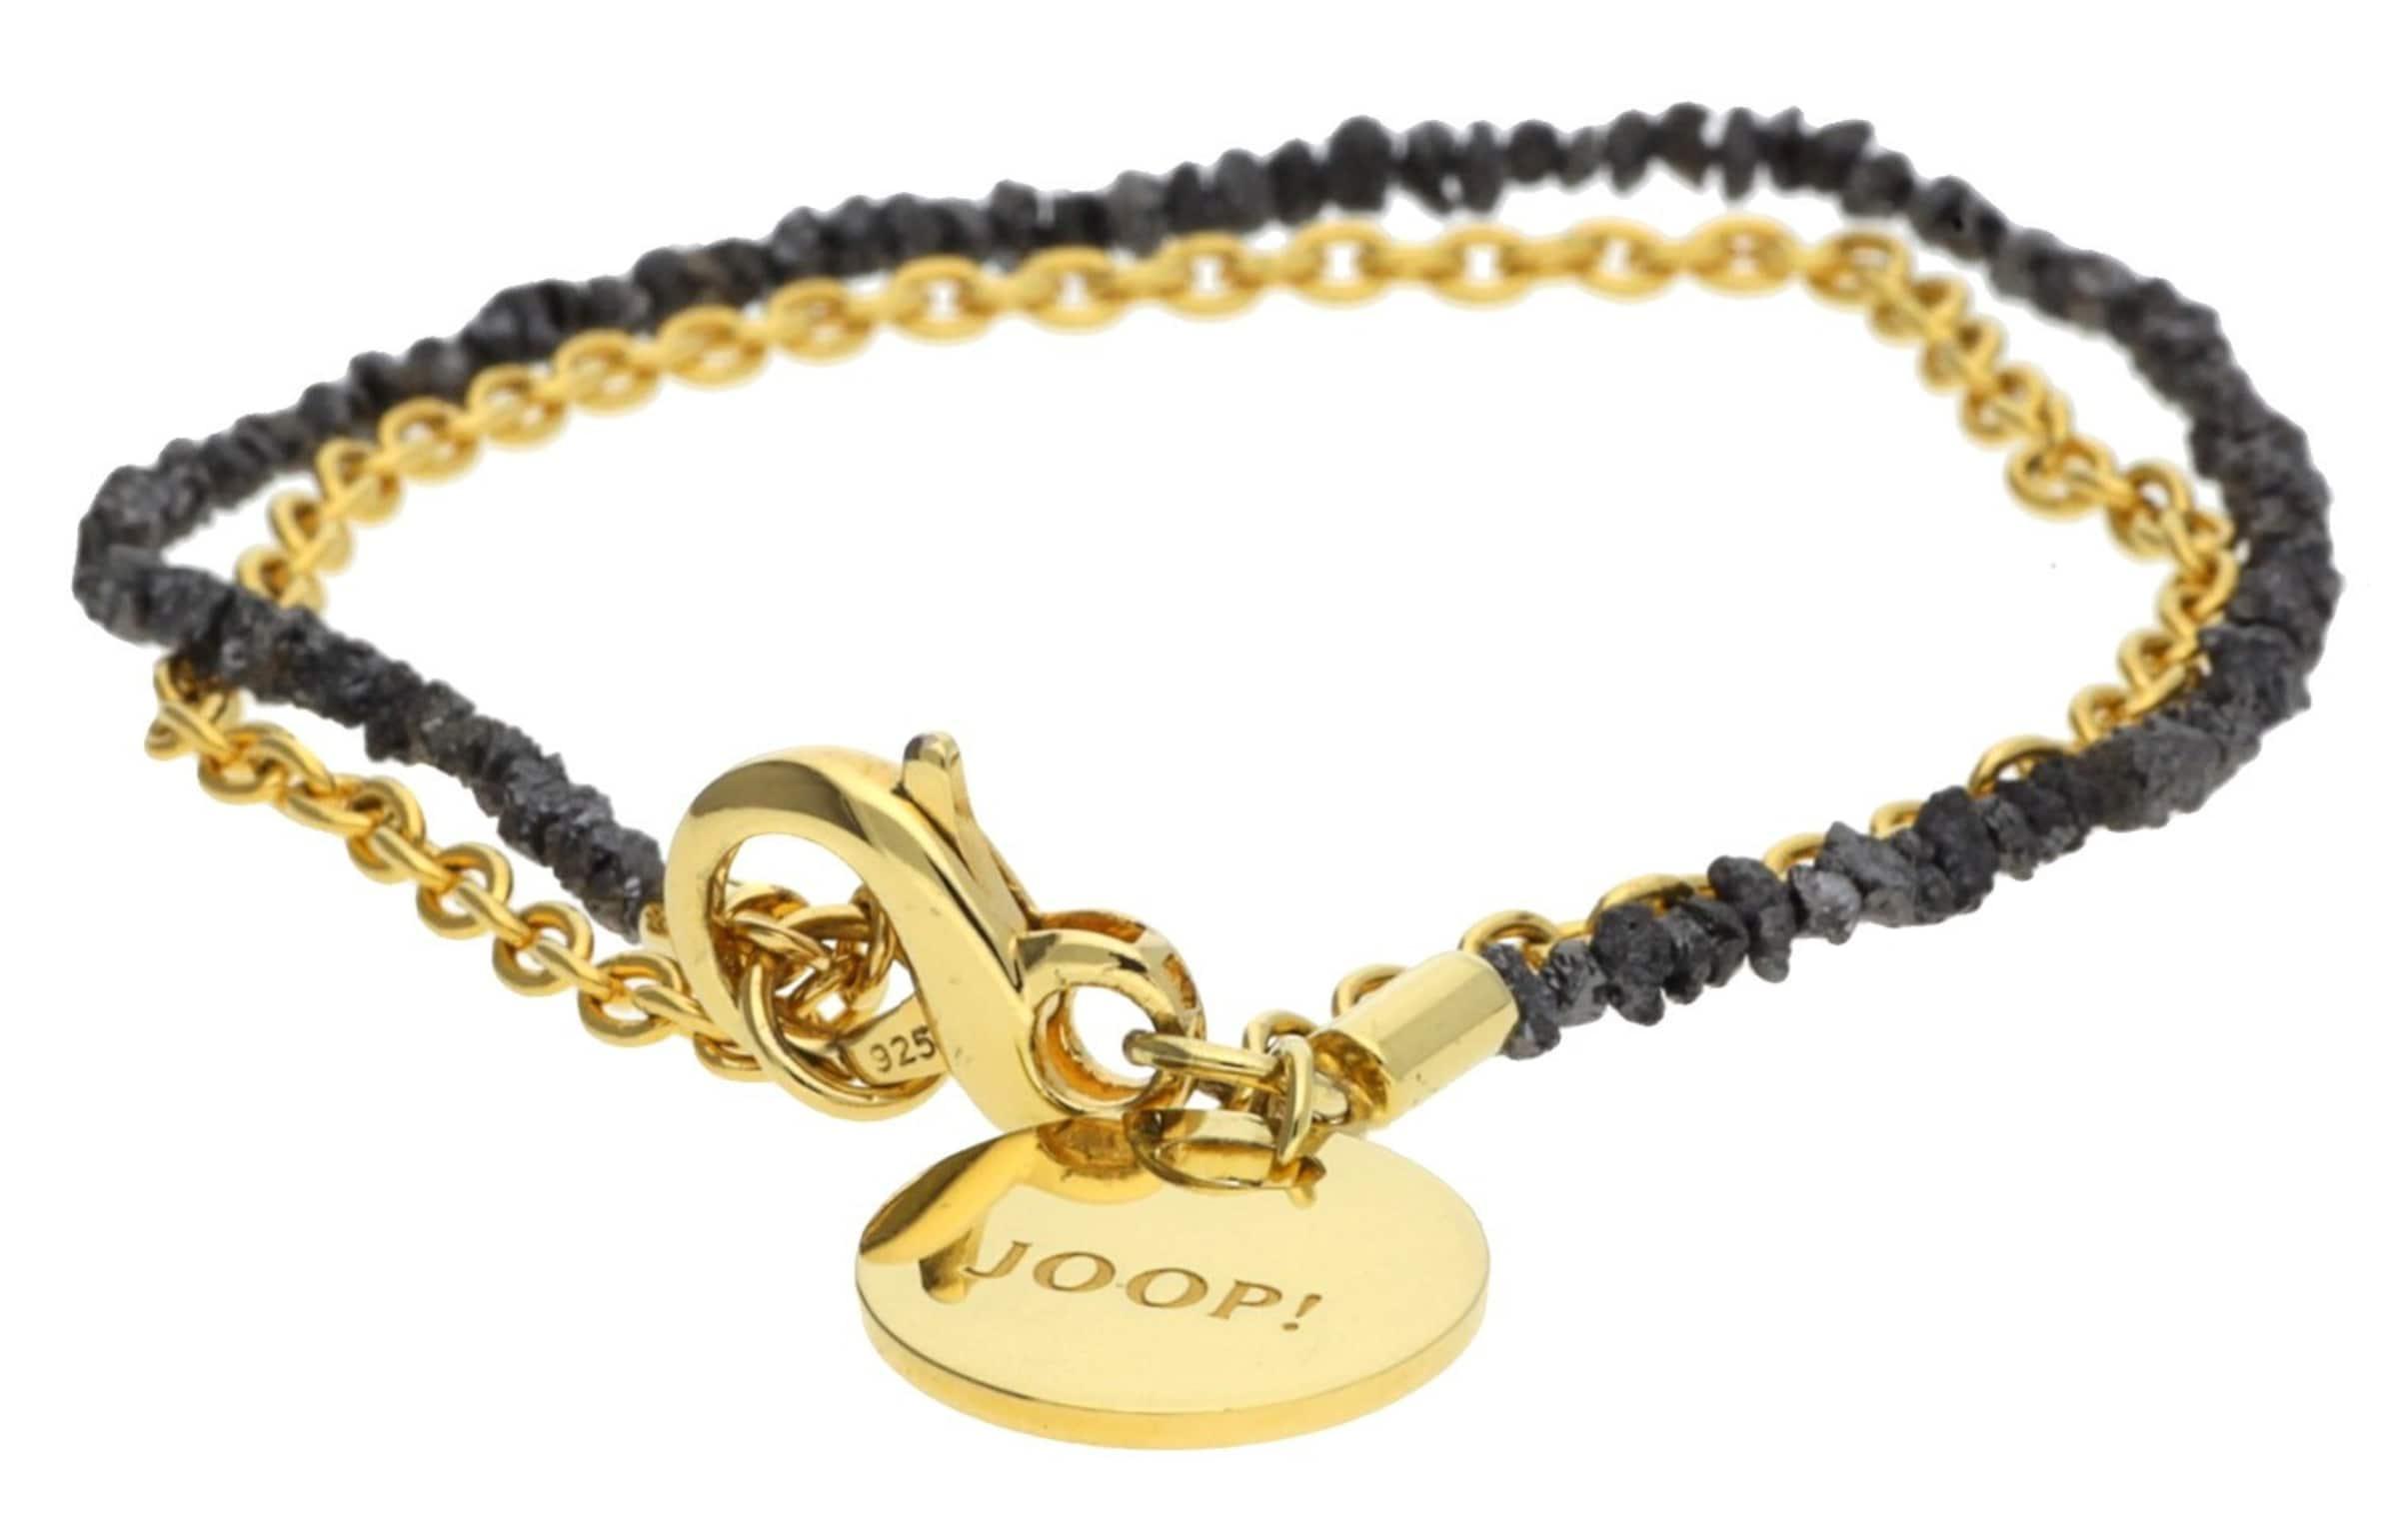 Auf Heißen Verkauf JOOP! Armband 925 Silber Gold Diamond String Neue Stile Zu Verkaufen Für Schön DKYw72YA